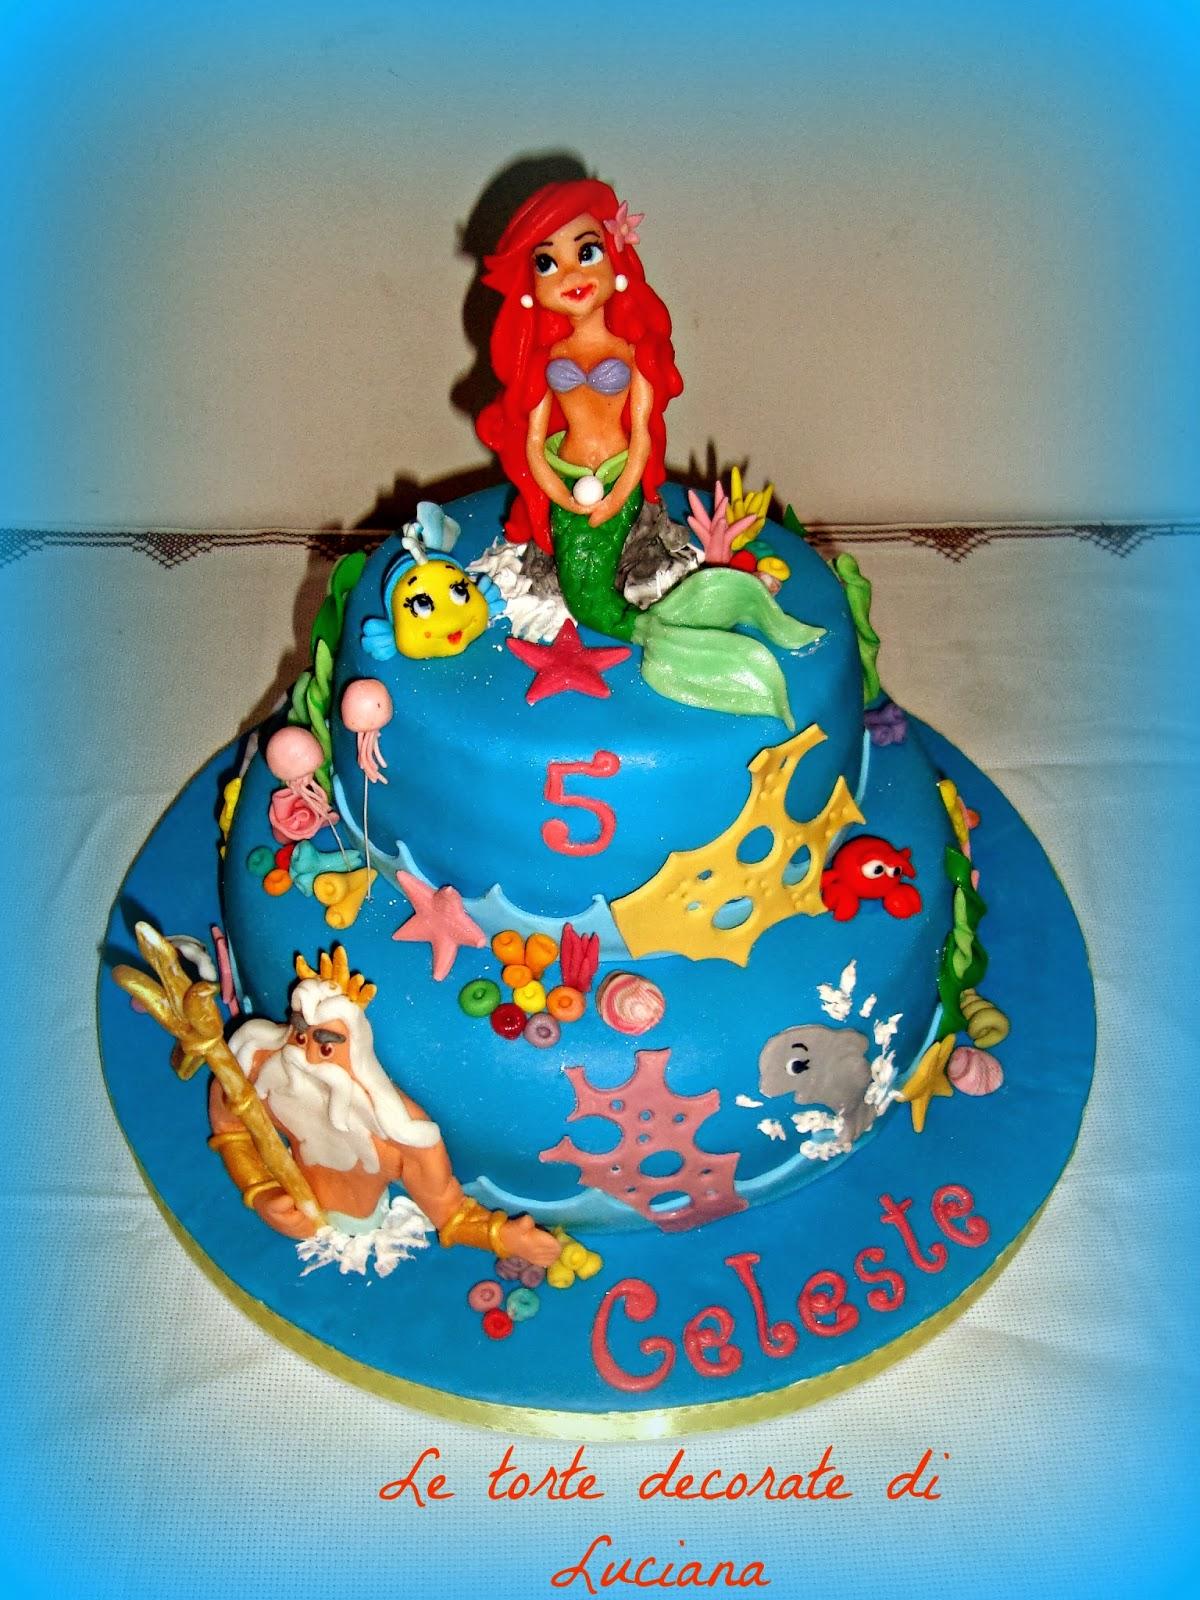 Eccezionale le torte decorate: torta sirenetta e tritone GA93